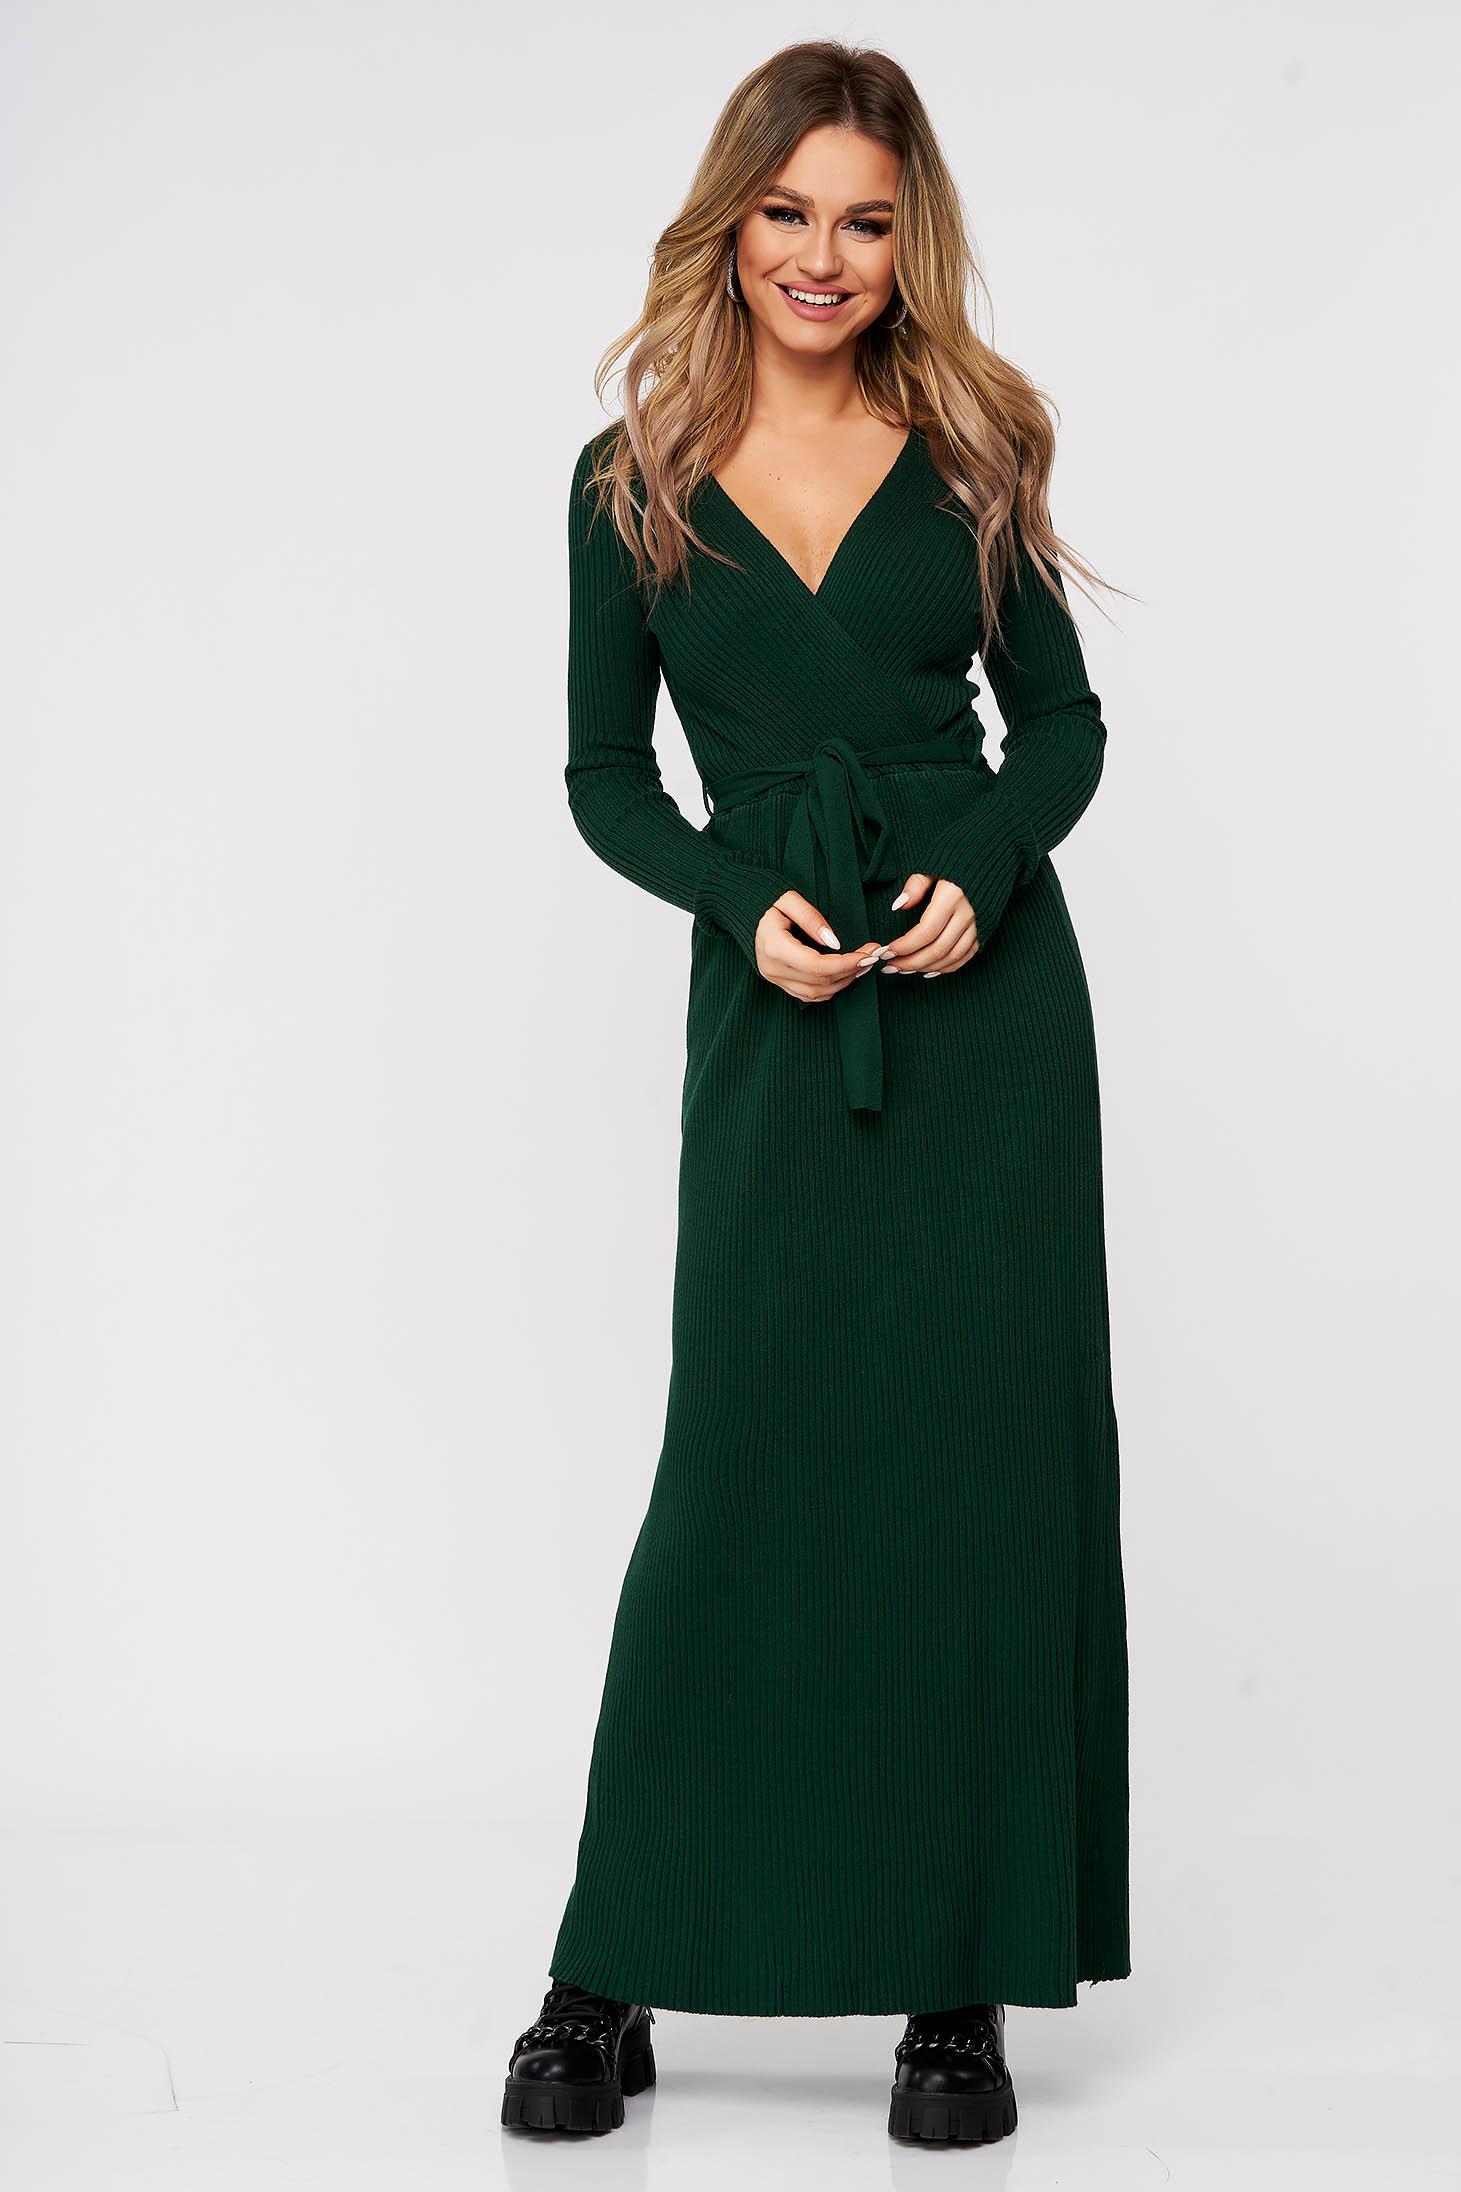 Rochie SunShine casual verde tricotata accesorizata cu cordon din material reiat din material elastic si fin